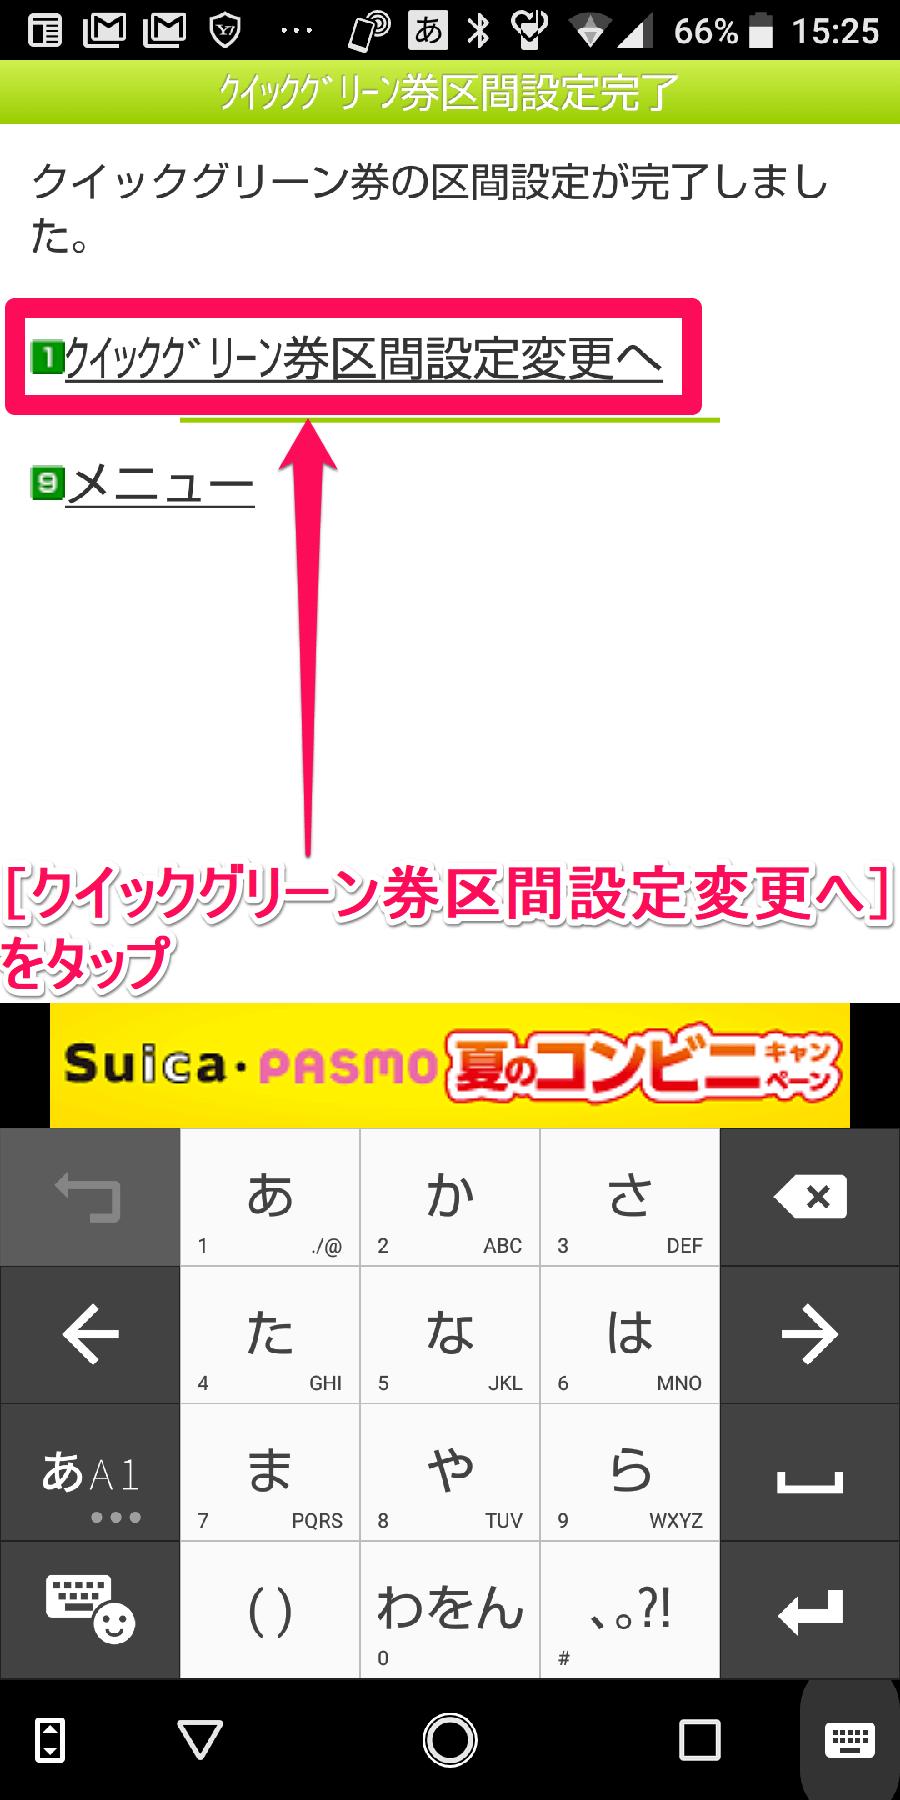 Android(アンドロイド)スマートフォン版「モバイルSuica」アプリの「クイックグリーン券区間設定完了」画面